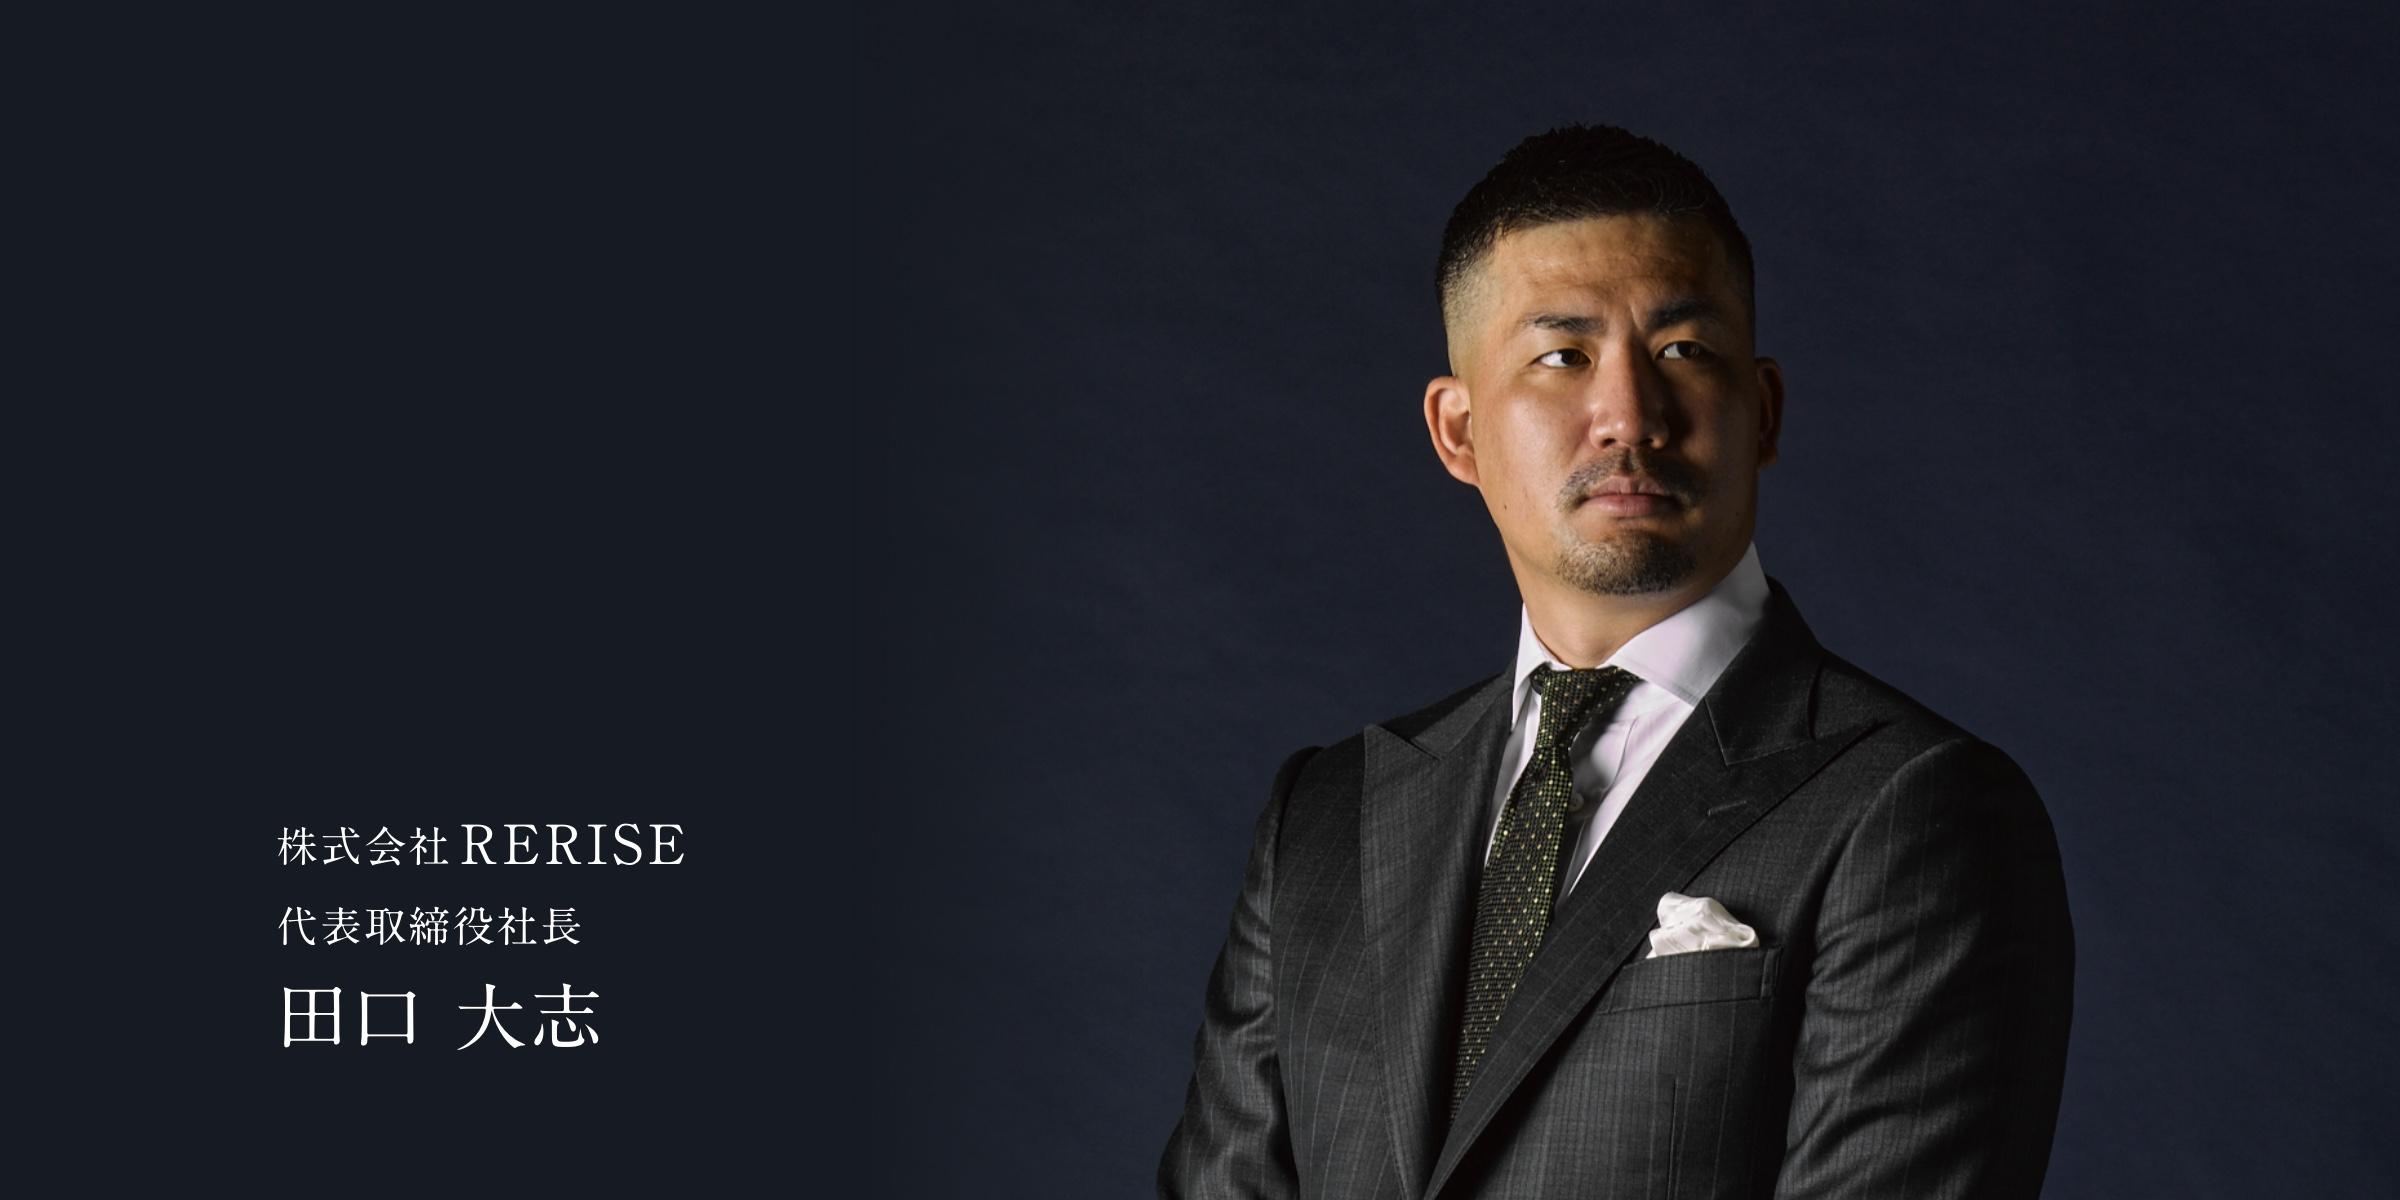 株式会社RERISE 代表取締役社長 田口 大志